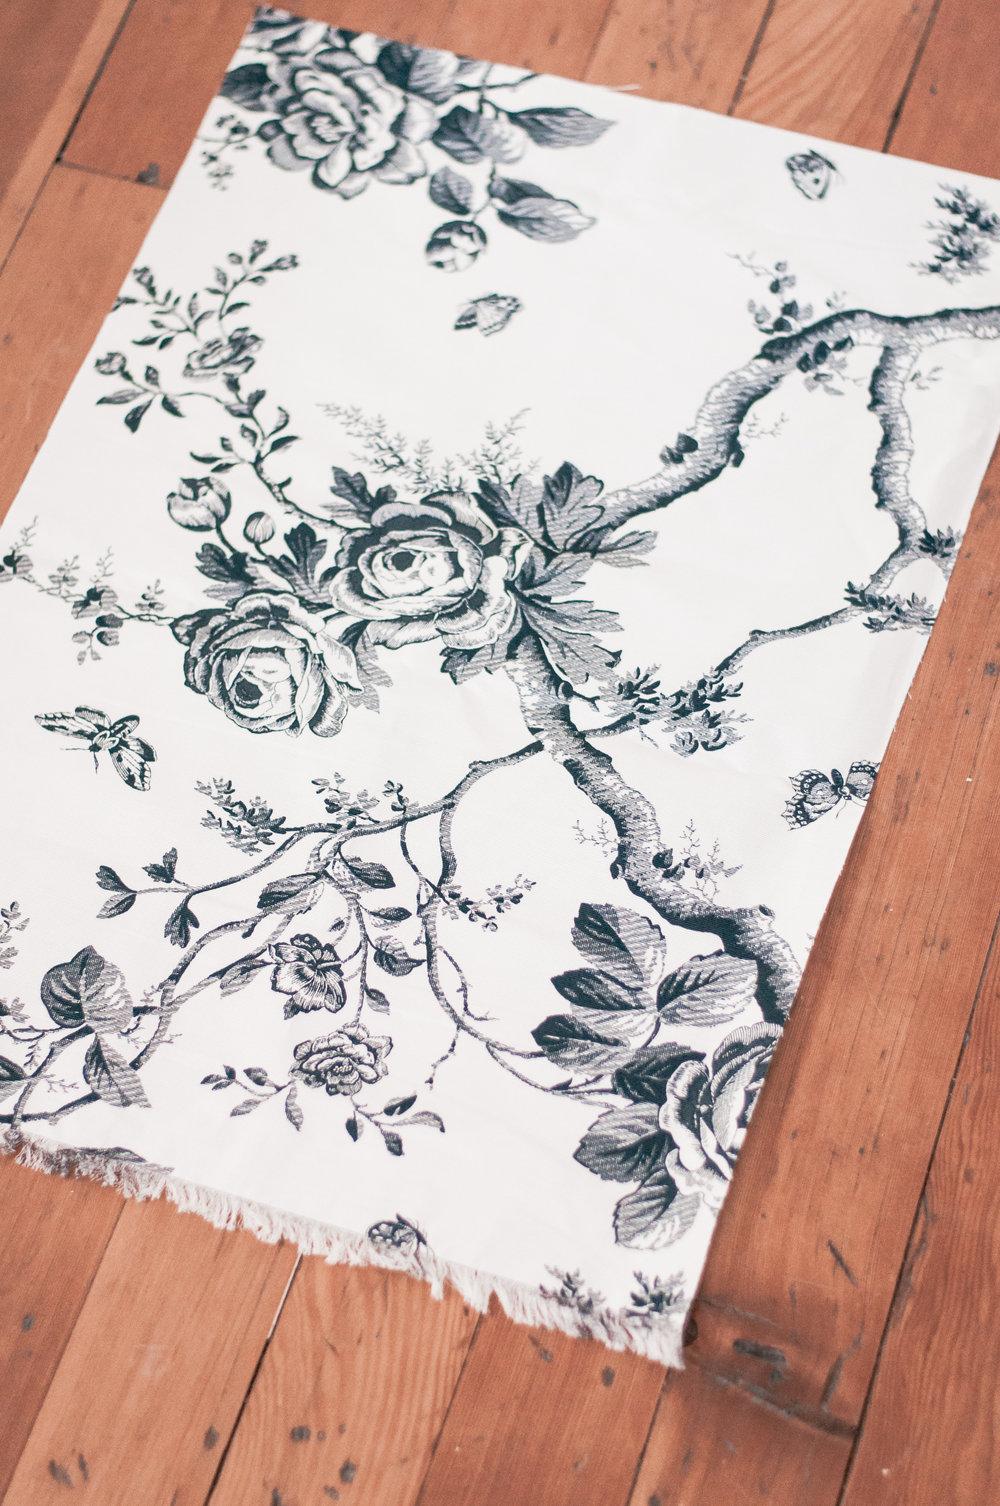 DIY Fabric Scrap Art